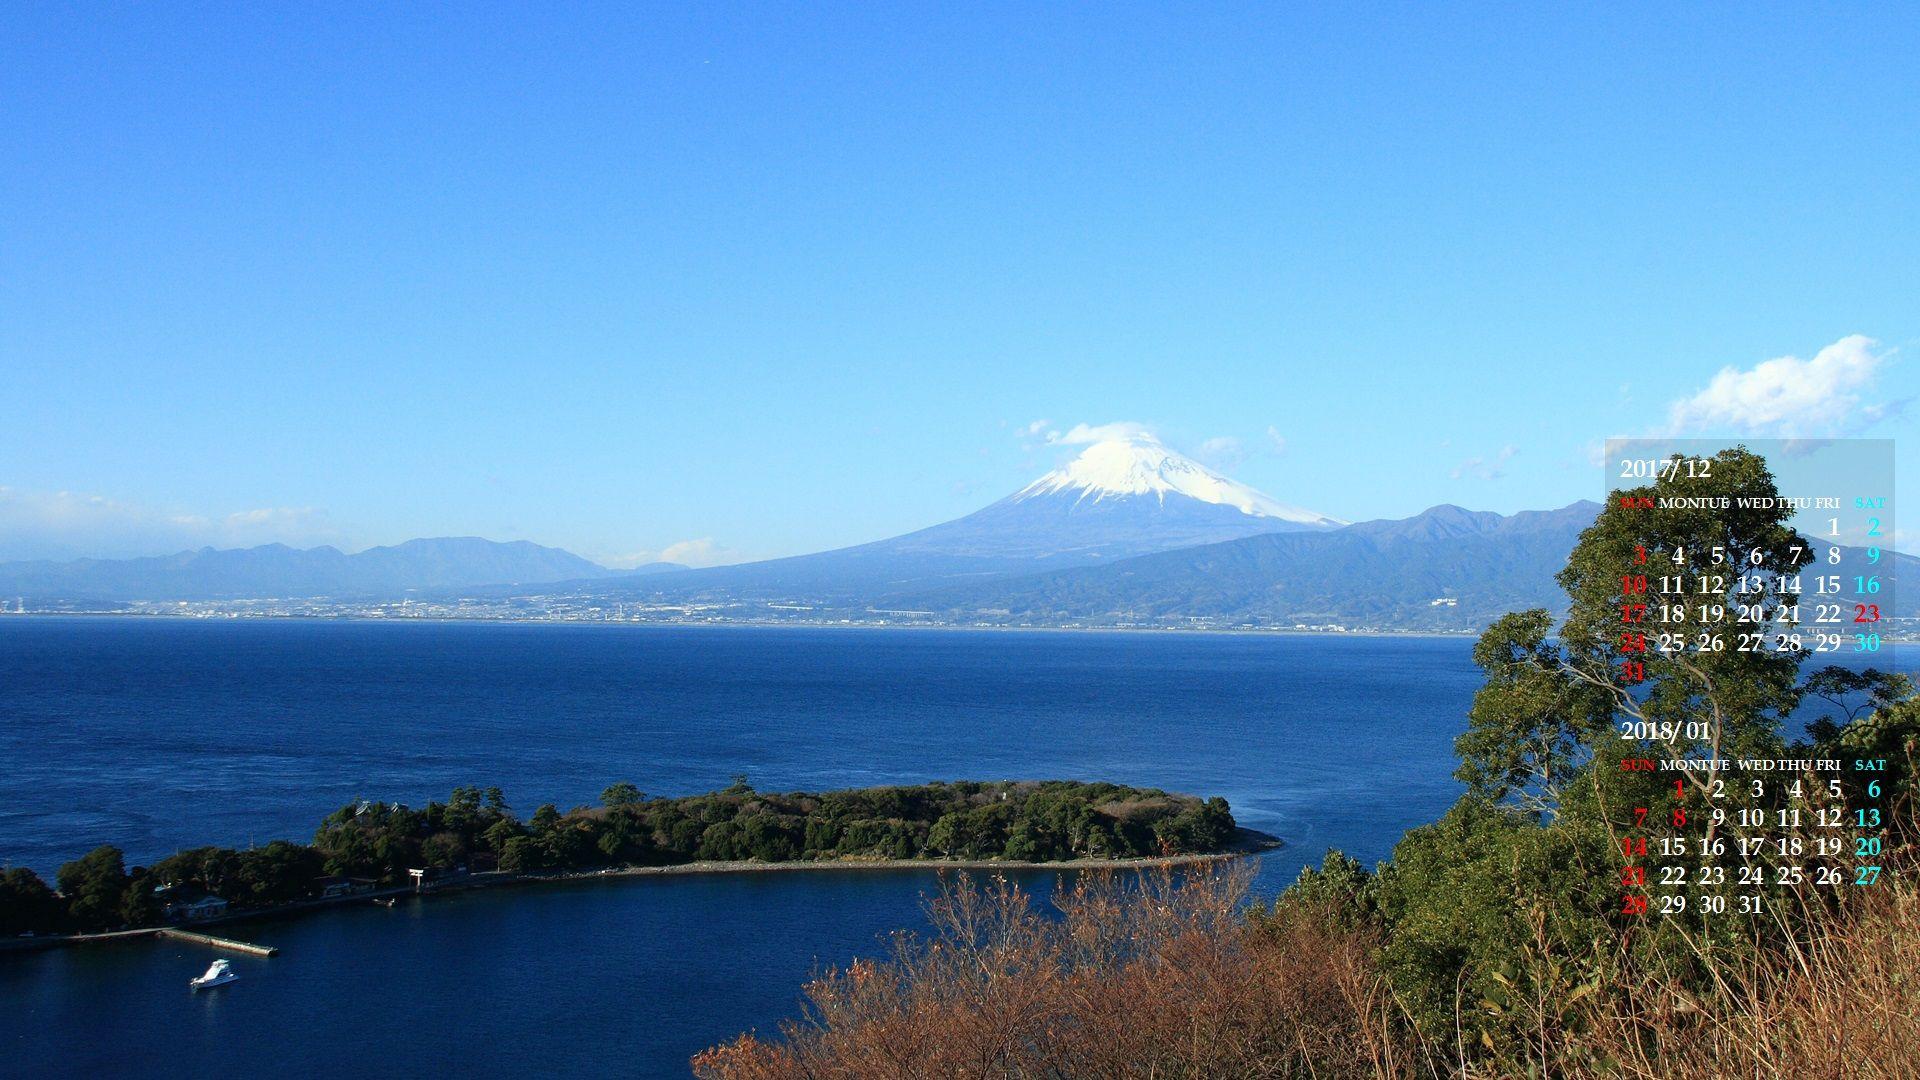 富士山 壁紙 高画質 壁紙 富士山 イラスト